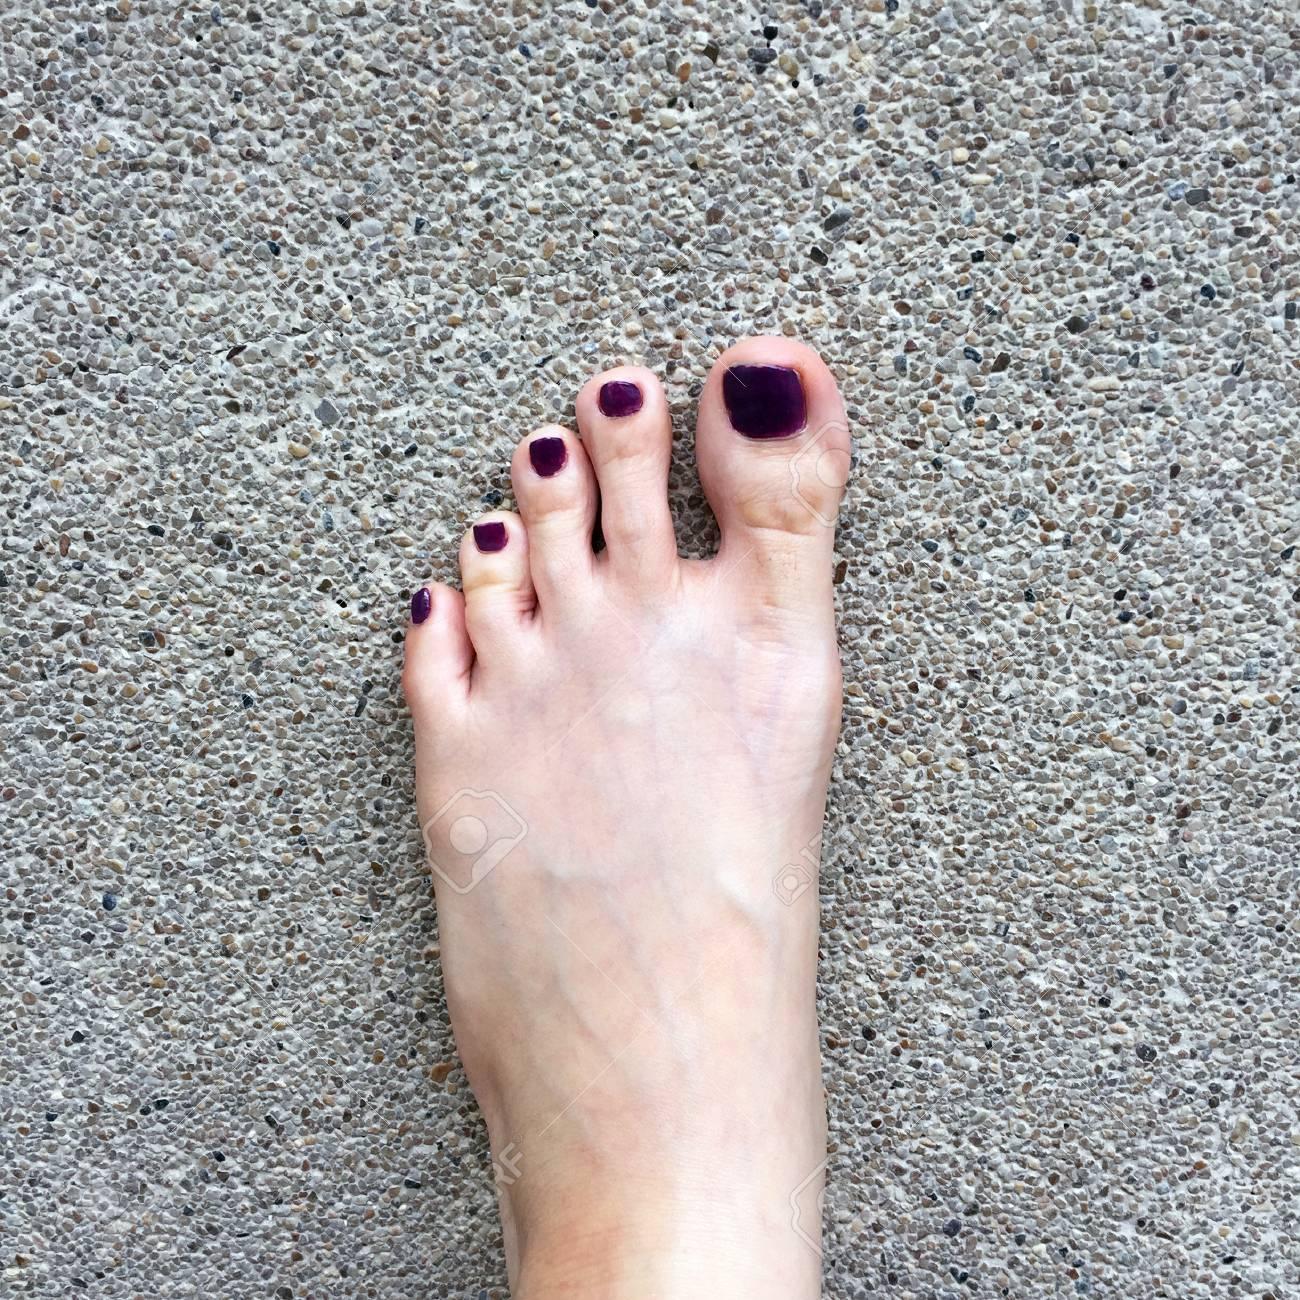 Beautiful Nail Close Up Woman S Bare Feet And Red Nail Polish